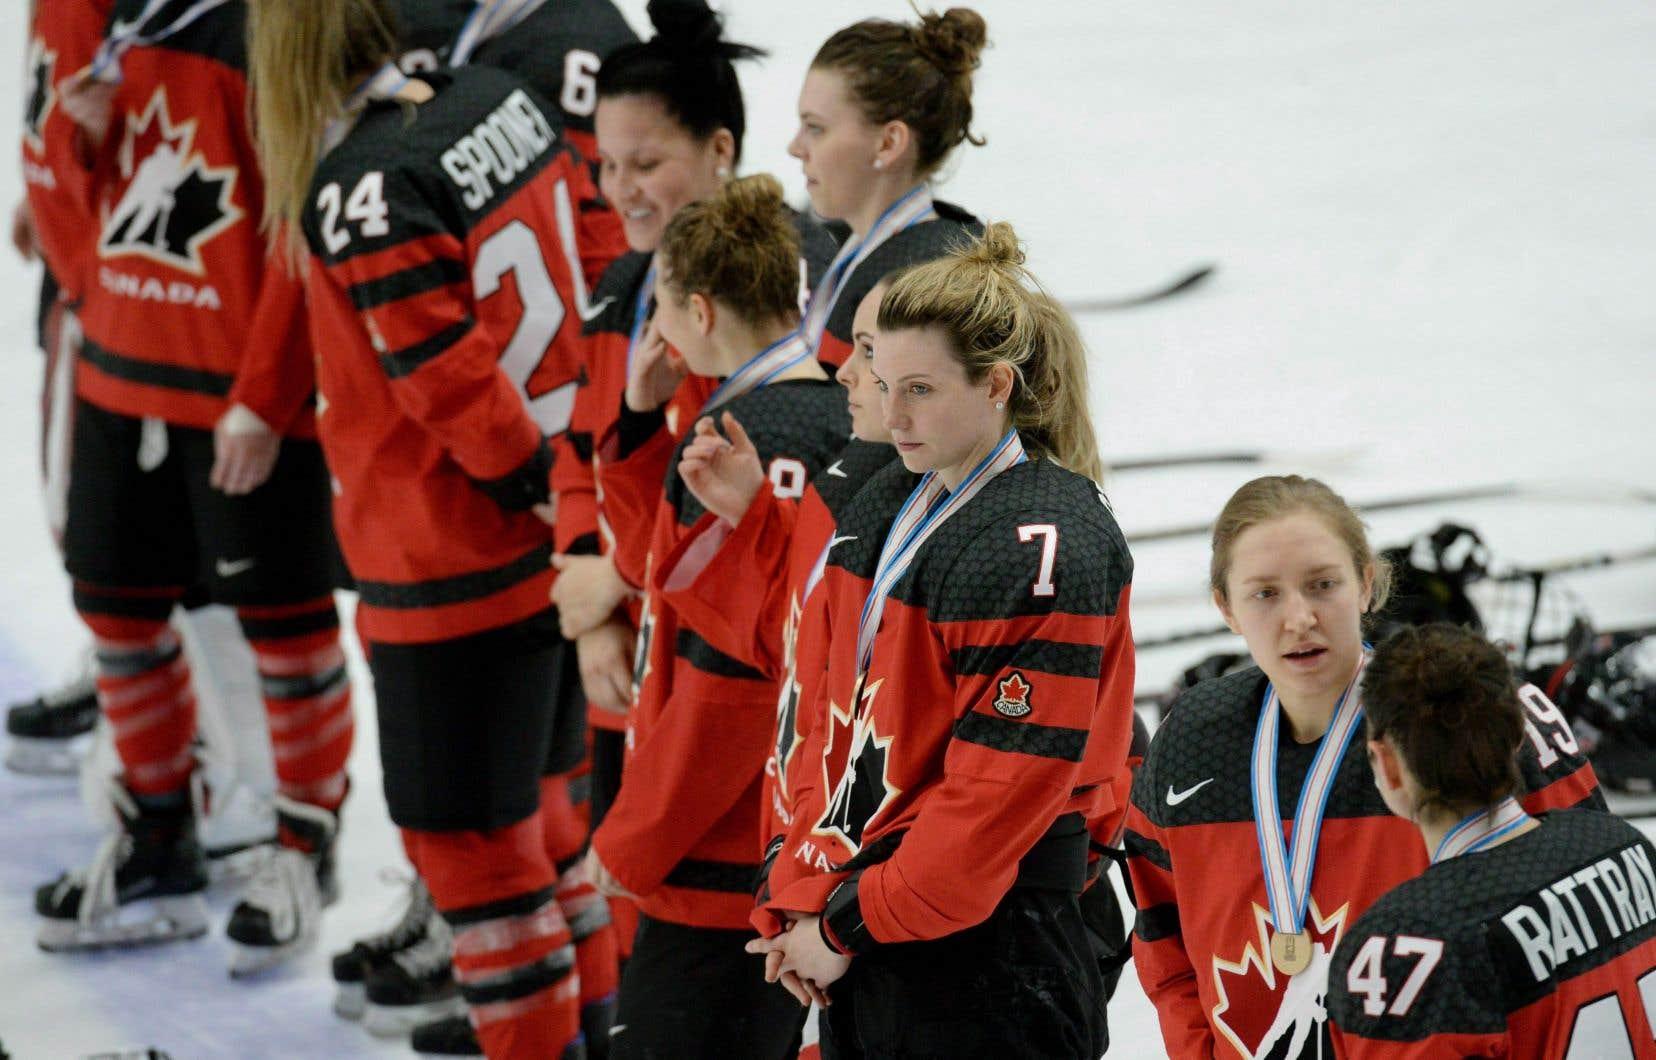 Les Canadiennes ont encaissé un revers de 4-2 contre la Finlande en demi-finales samedi, ce qui signifie qu'elles n'ont pu participer à la finale pour la première fois depuis l'instauration du tournoi en 1990.